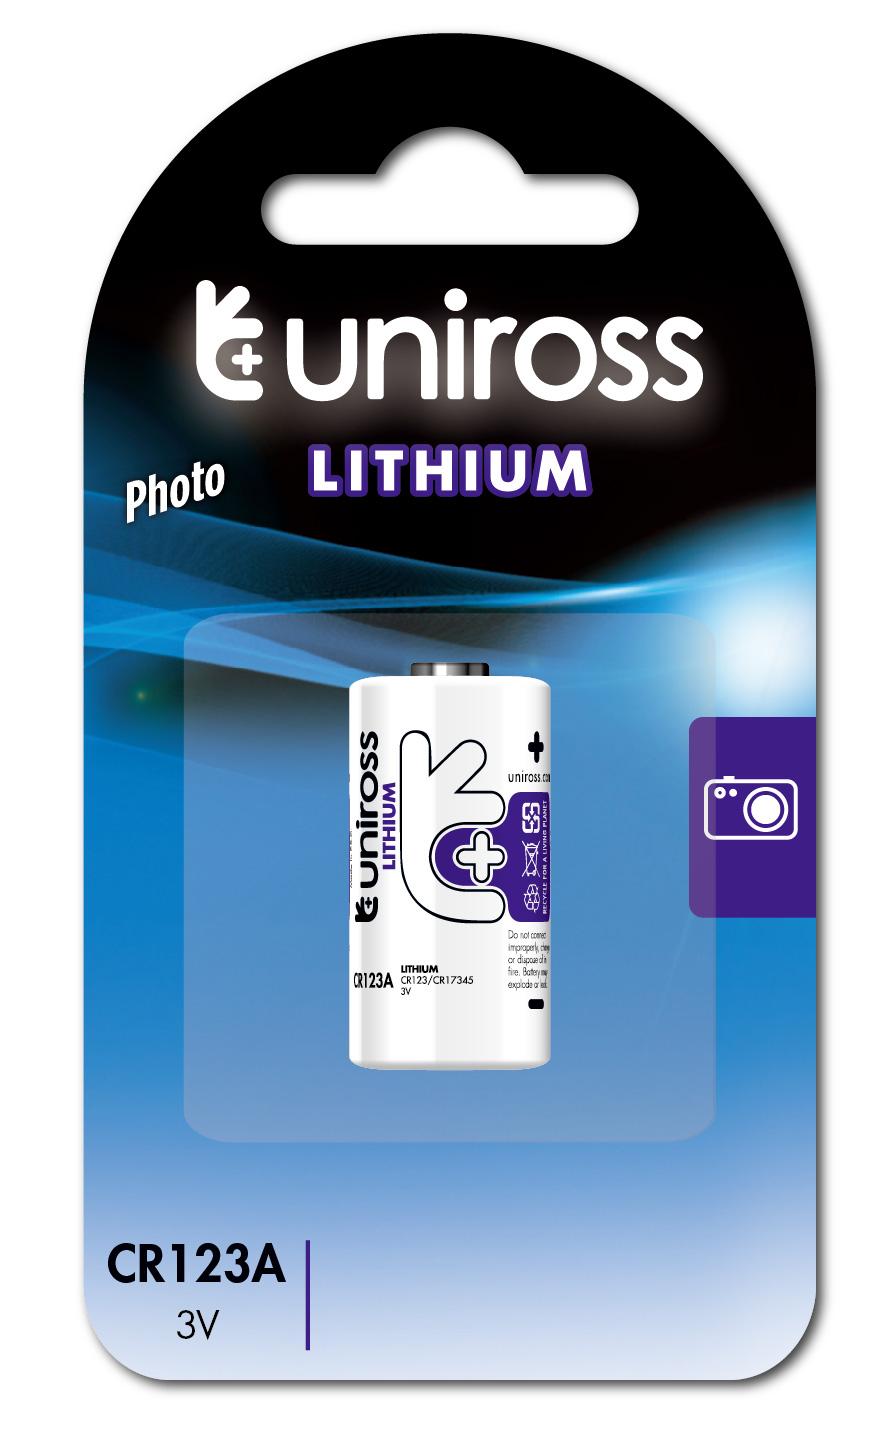 LITHIUM-PHOTO_[U1CR123A] UNIROSS BP1 CR123A LITHIUM.jpg